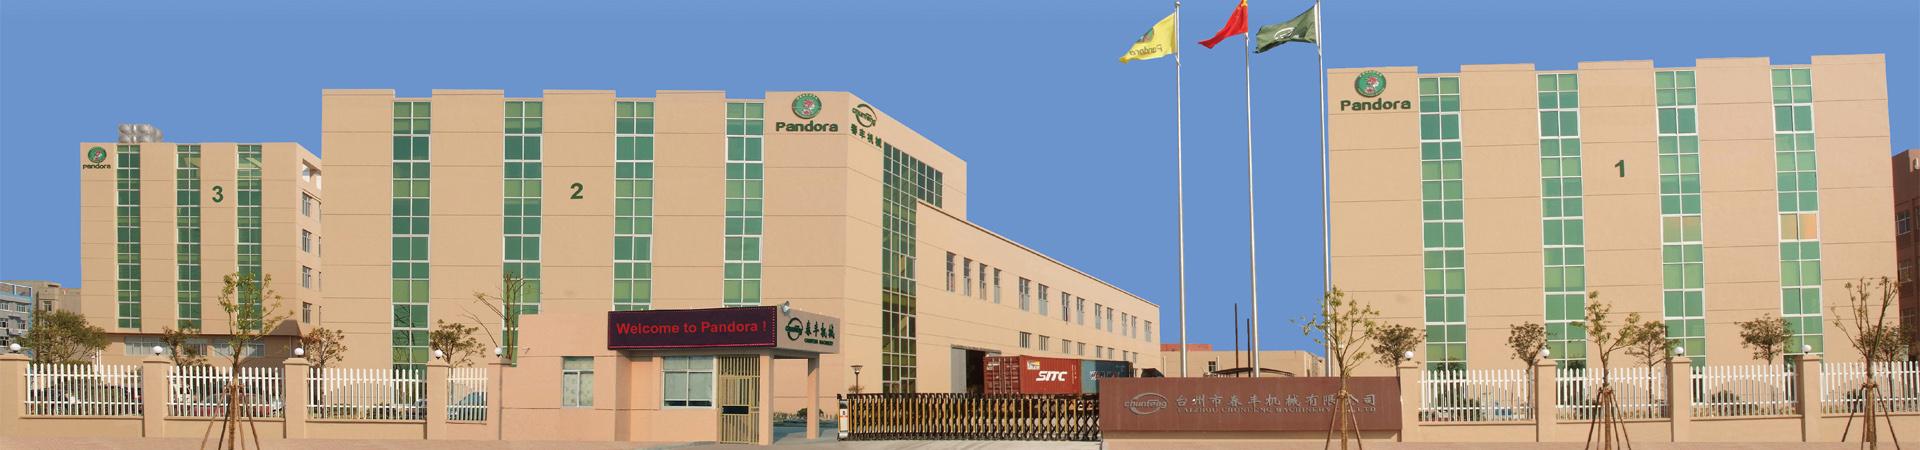 Nhà máy rộng hơn 40.000 m2 của Pandora đặt tại Chiết Giang - Trung Quốc